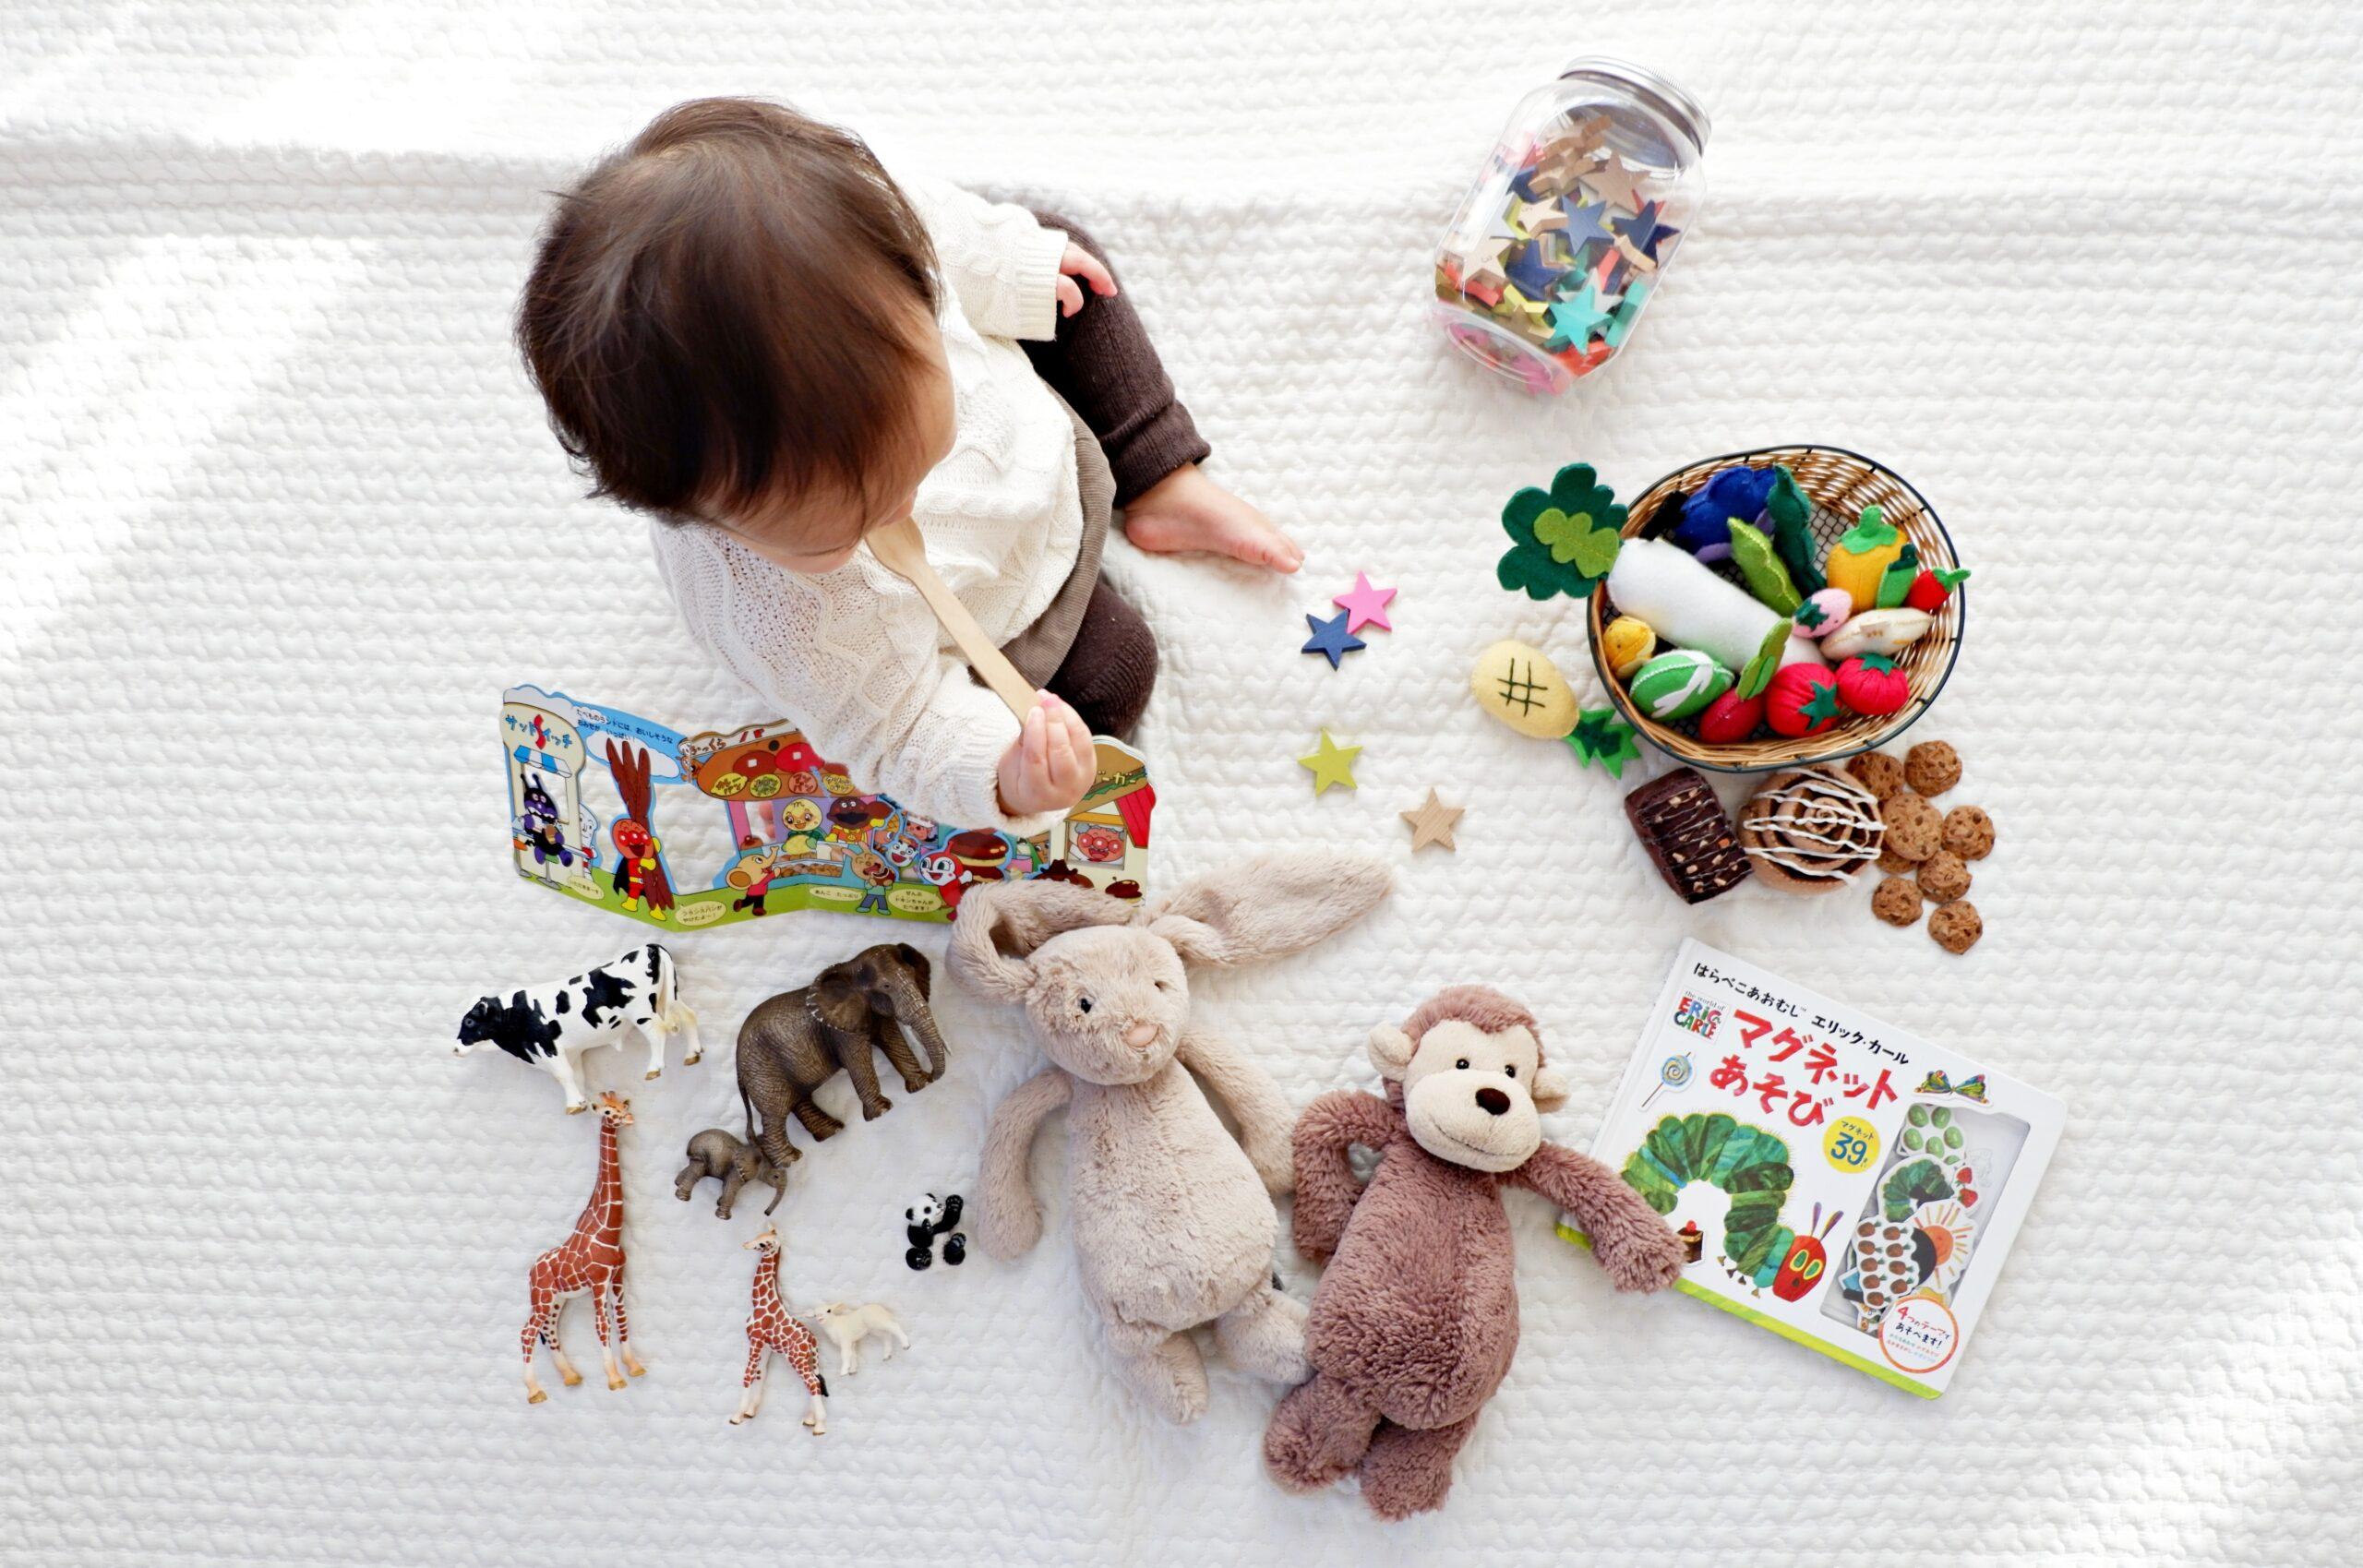 צעצועי התפתחות לתינוקות